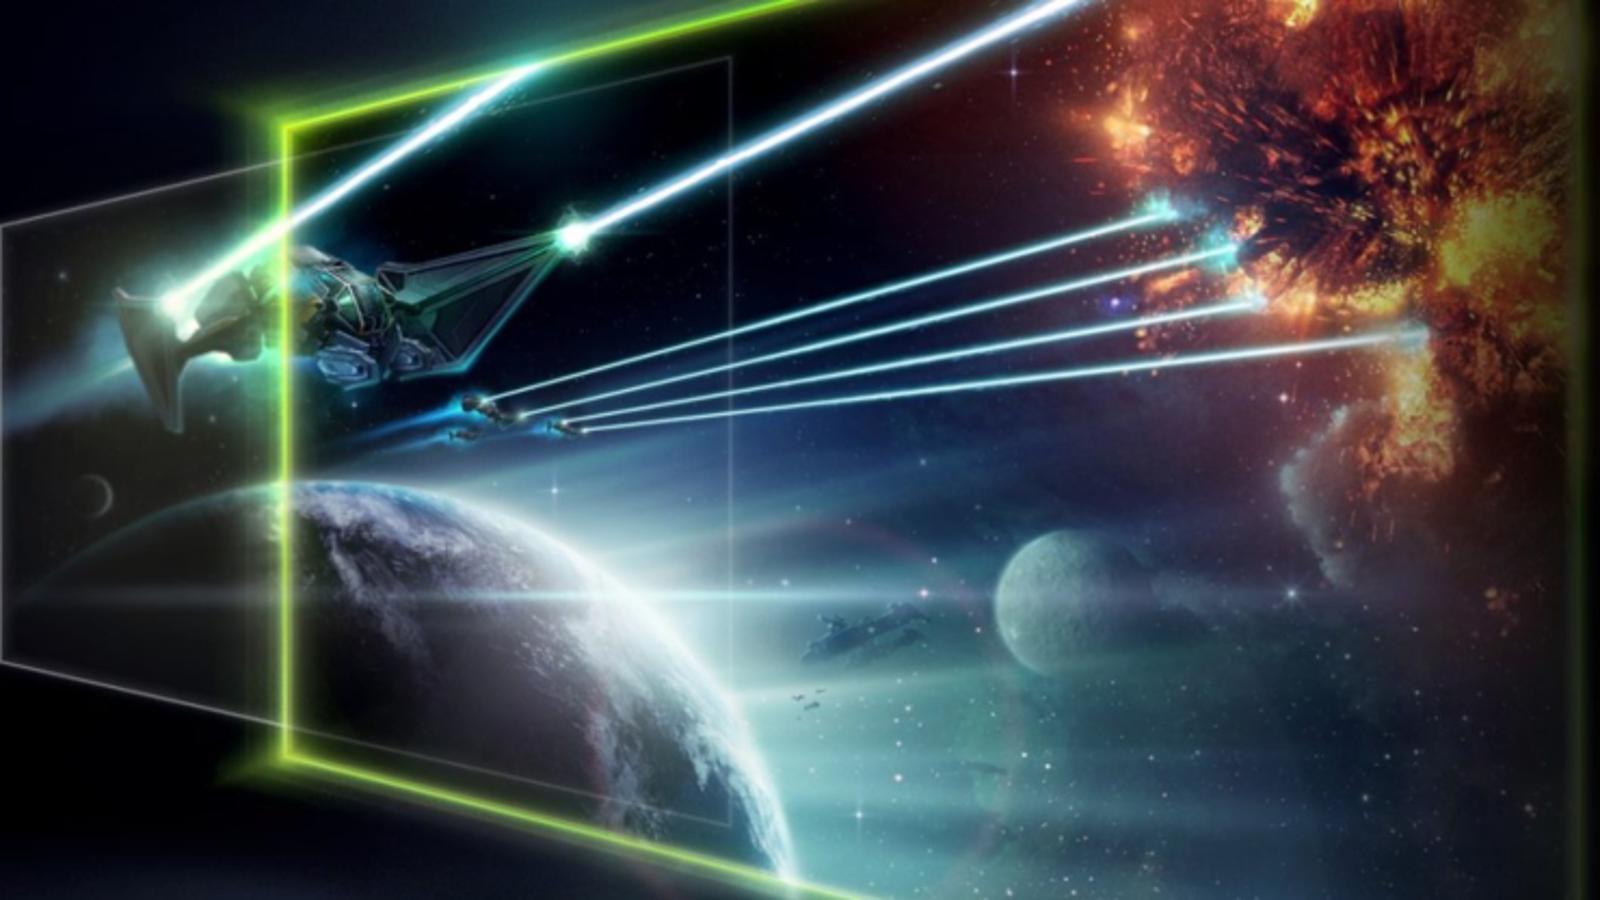 Todo lo que necesitas saber sobre las tecnologías de pantalla Nvidia G-Sync y AMD FreeSync